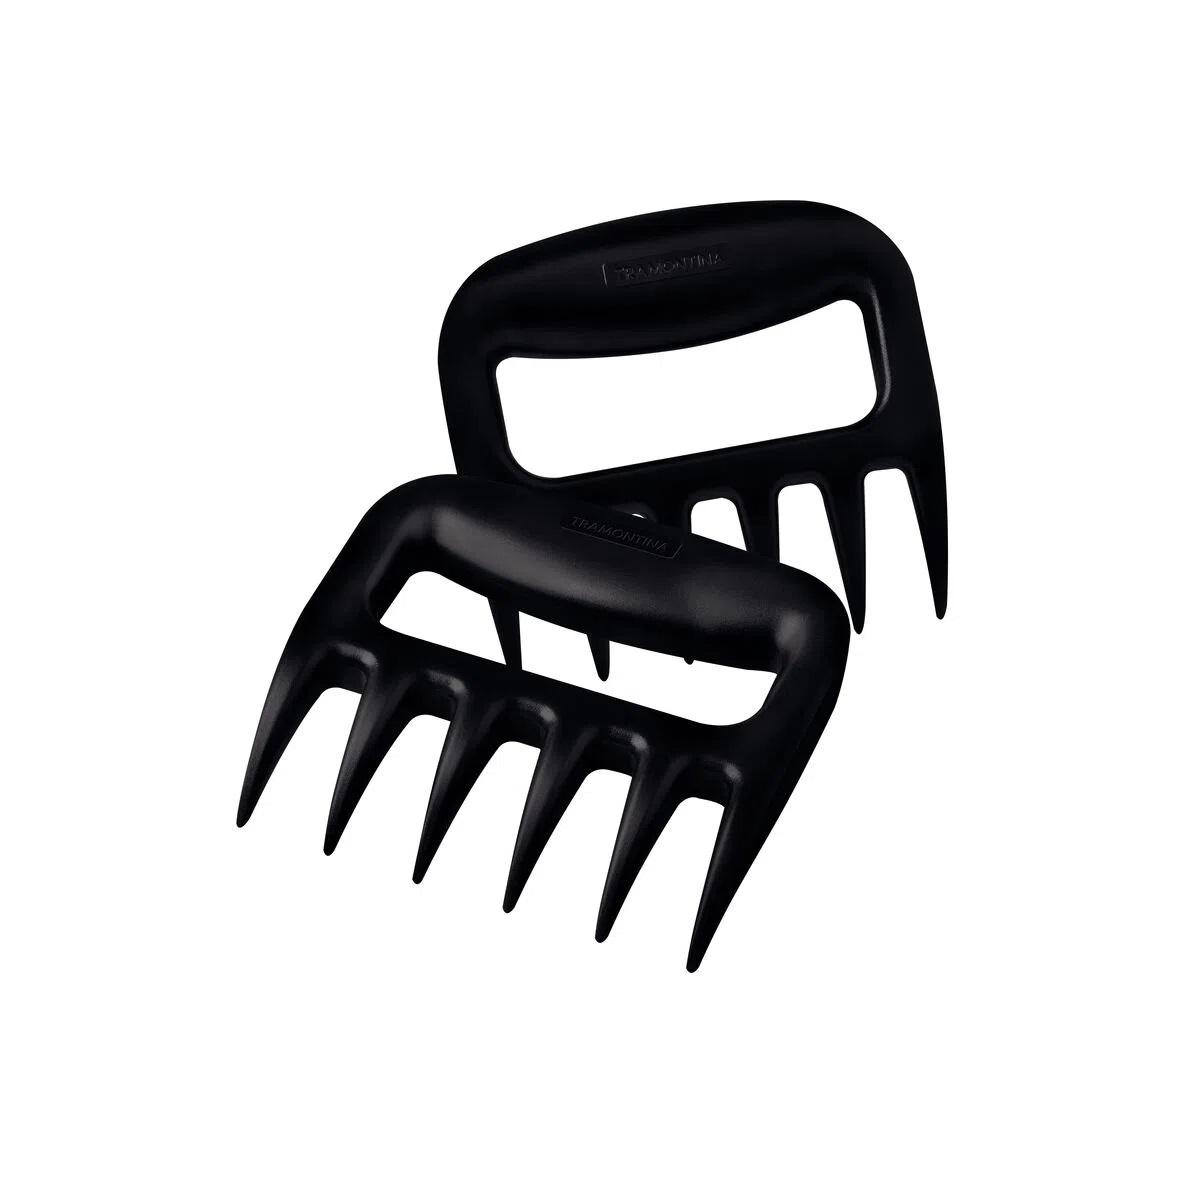 Jogo de Garras Multiuso para Churrasco Black em ABS 02 Peças Tramontina